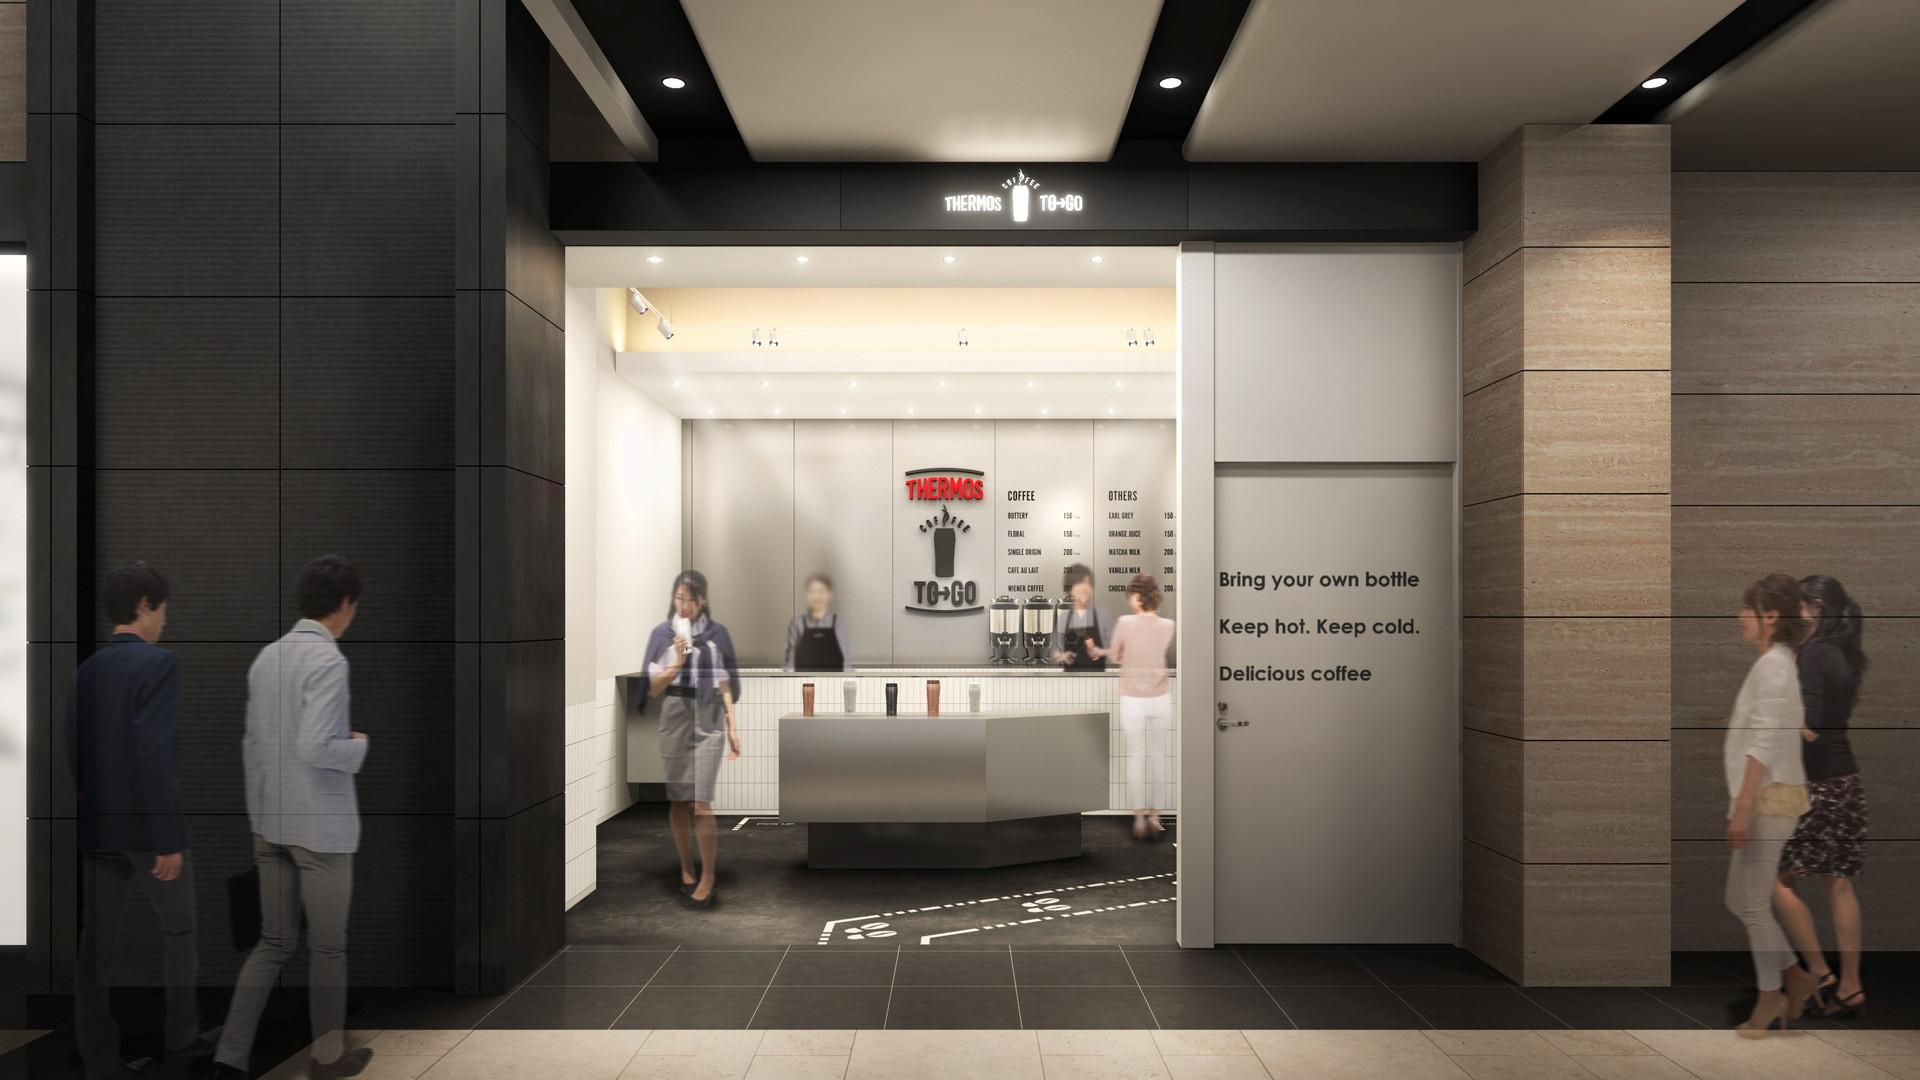 サーモスがマイボトル持ち込み型のテイクアウト専門コーヒー店をオープン!